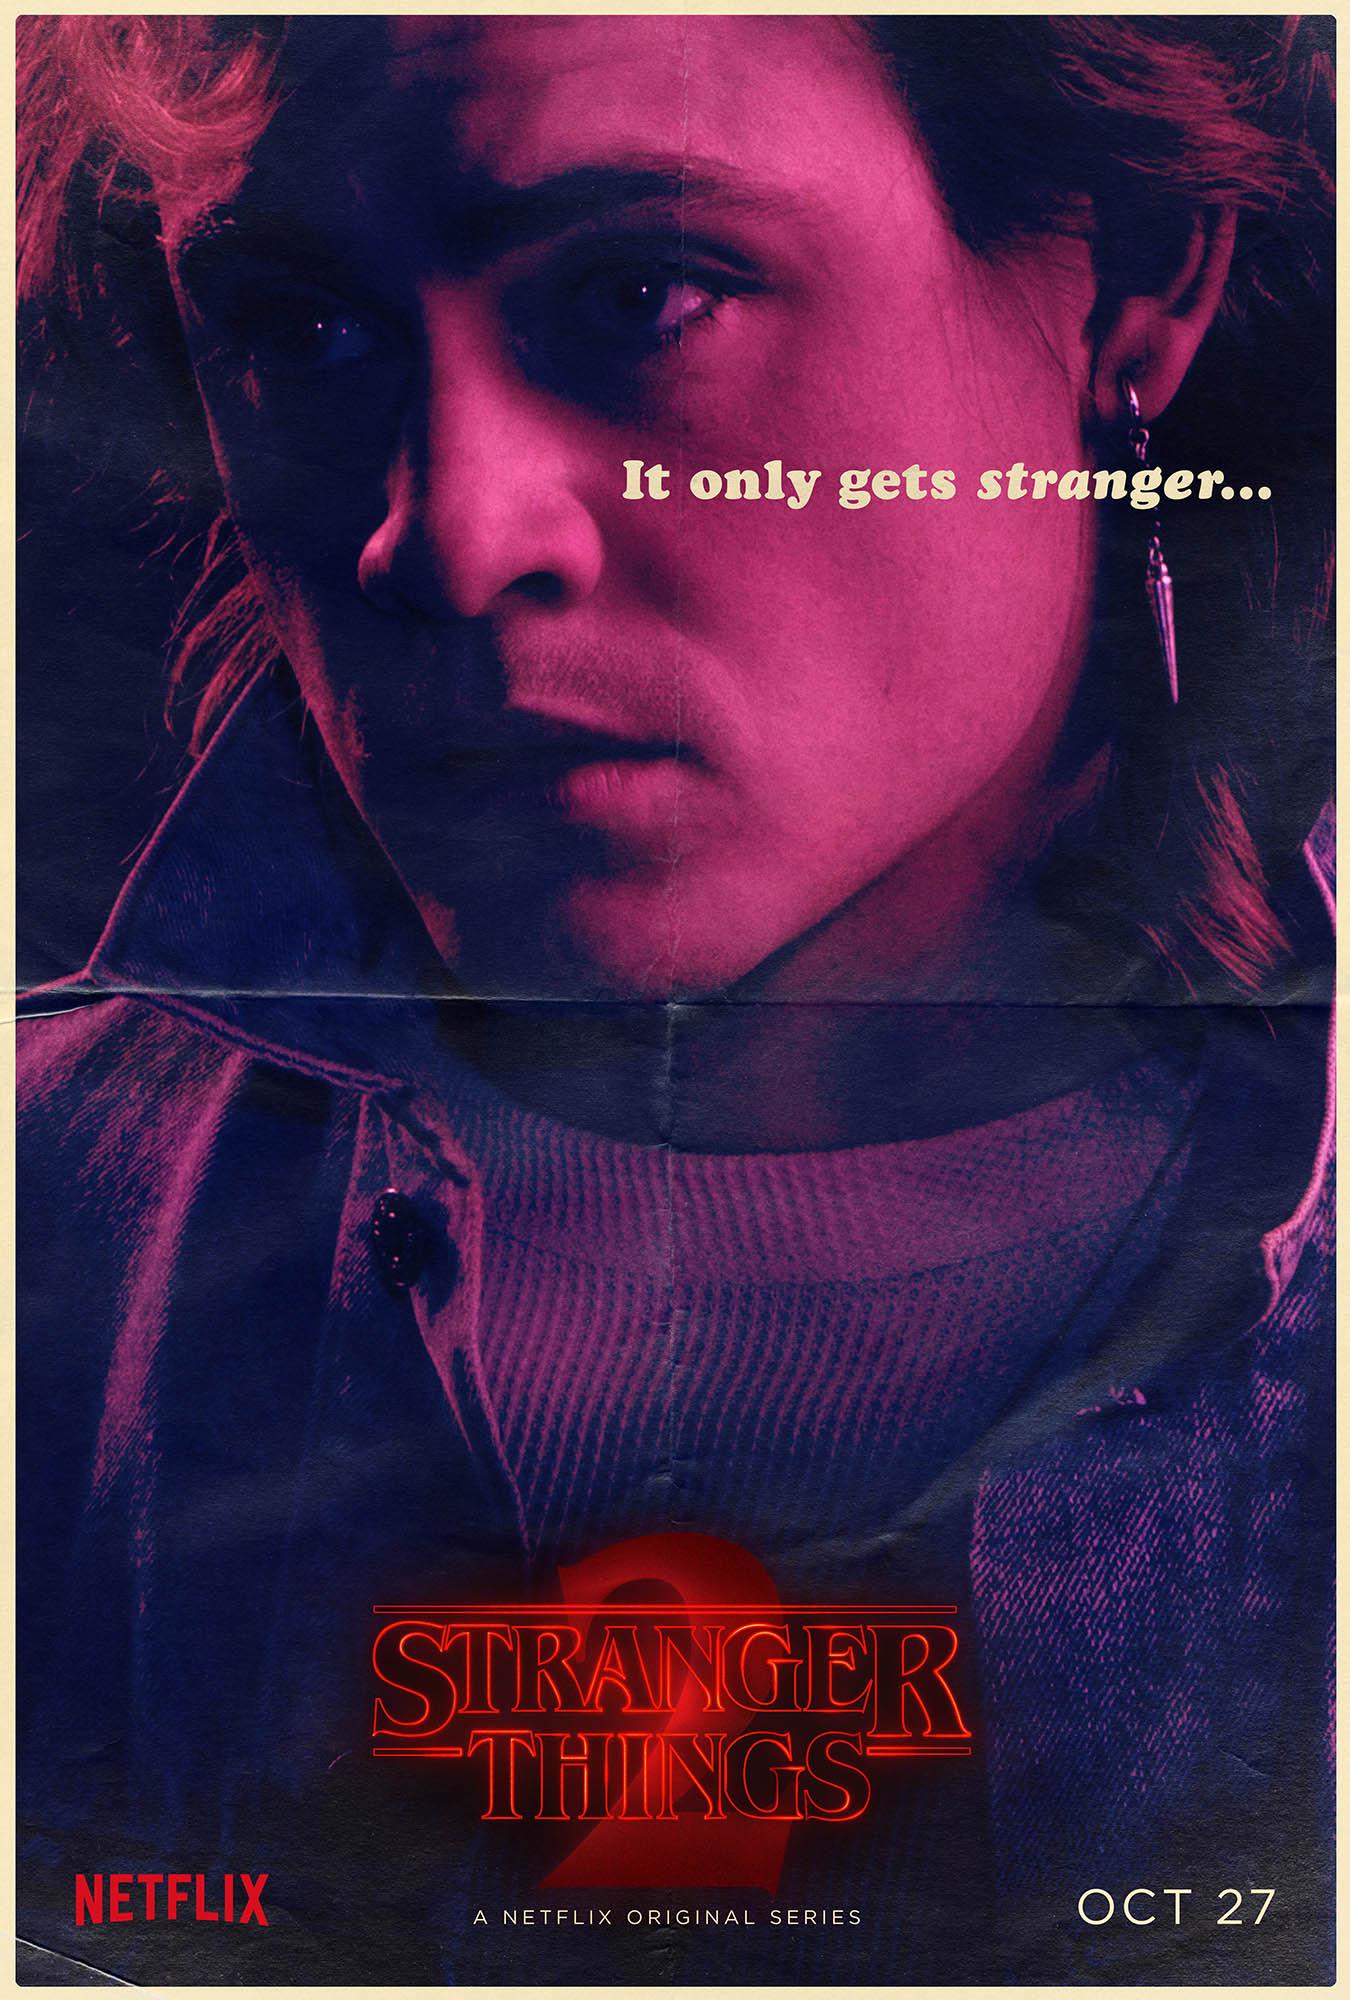 StrangerThingsS2_Billy_100dpi.jpg